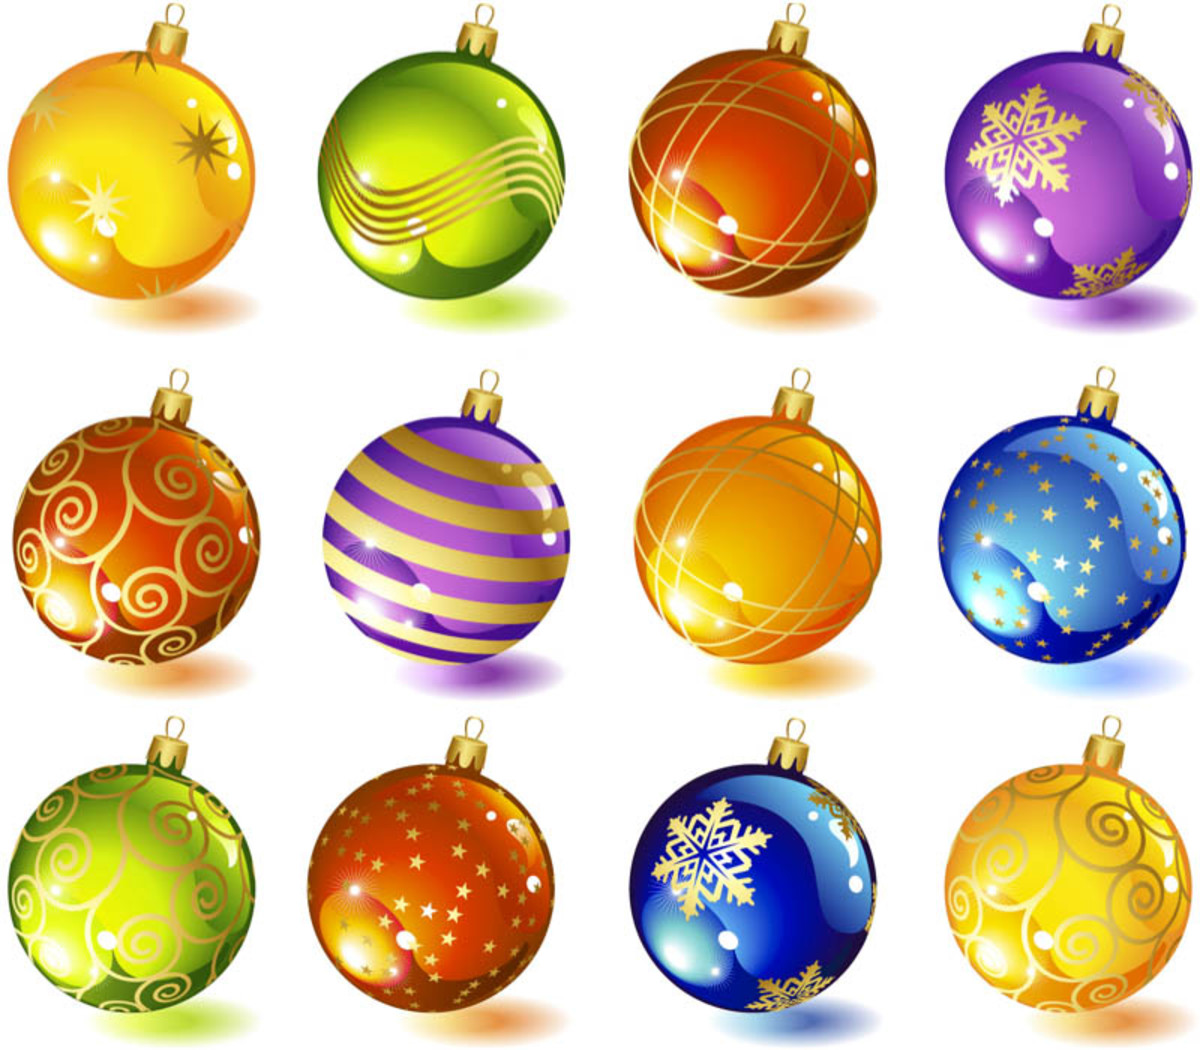 Pretty Ball Ornaments